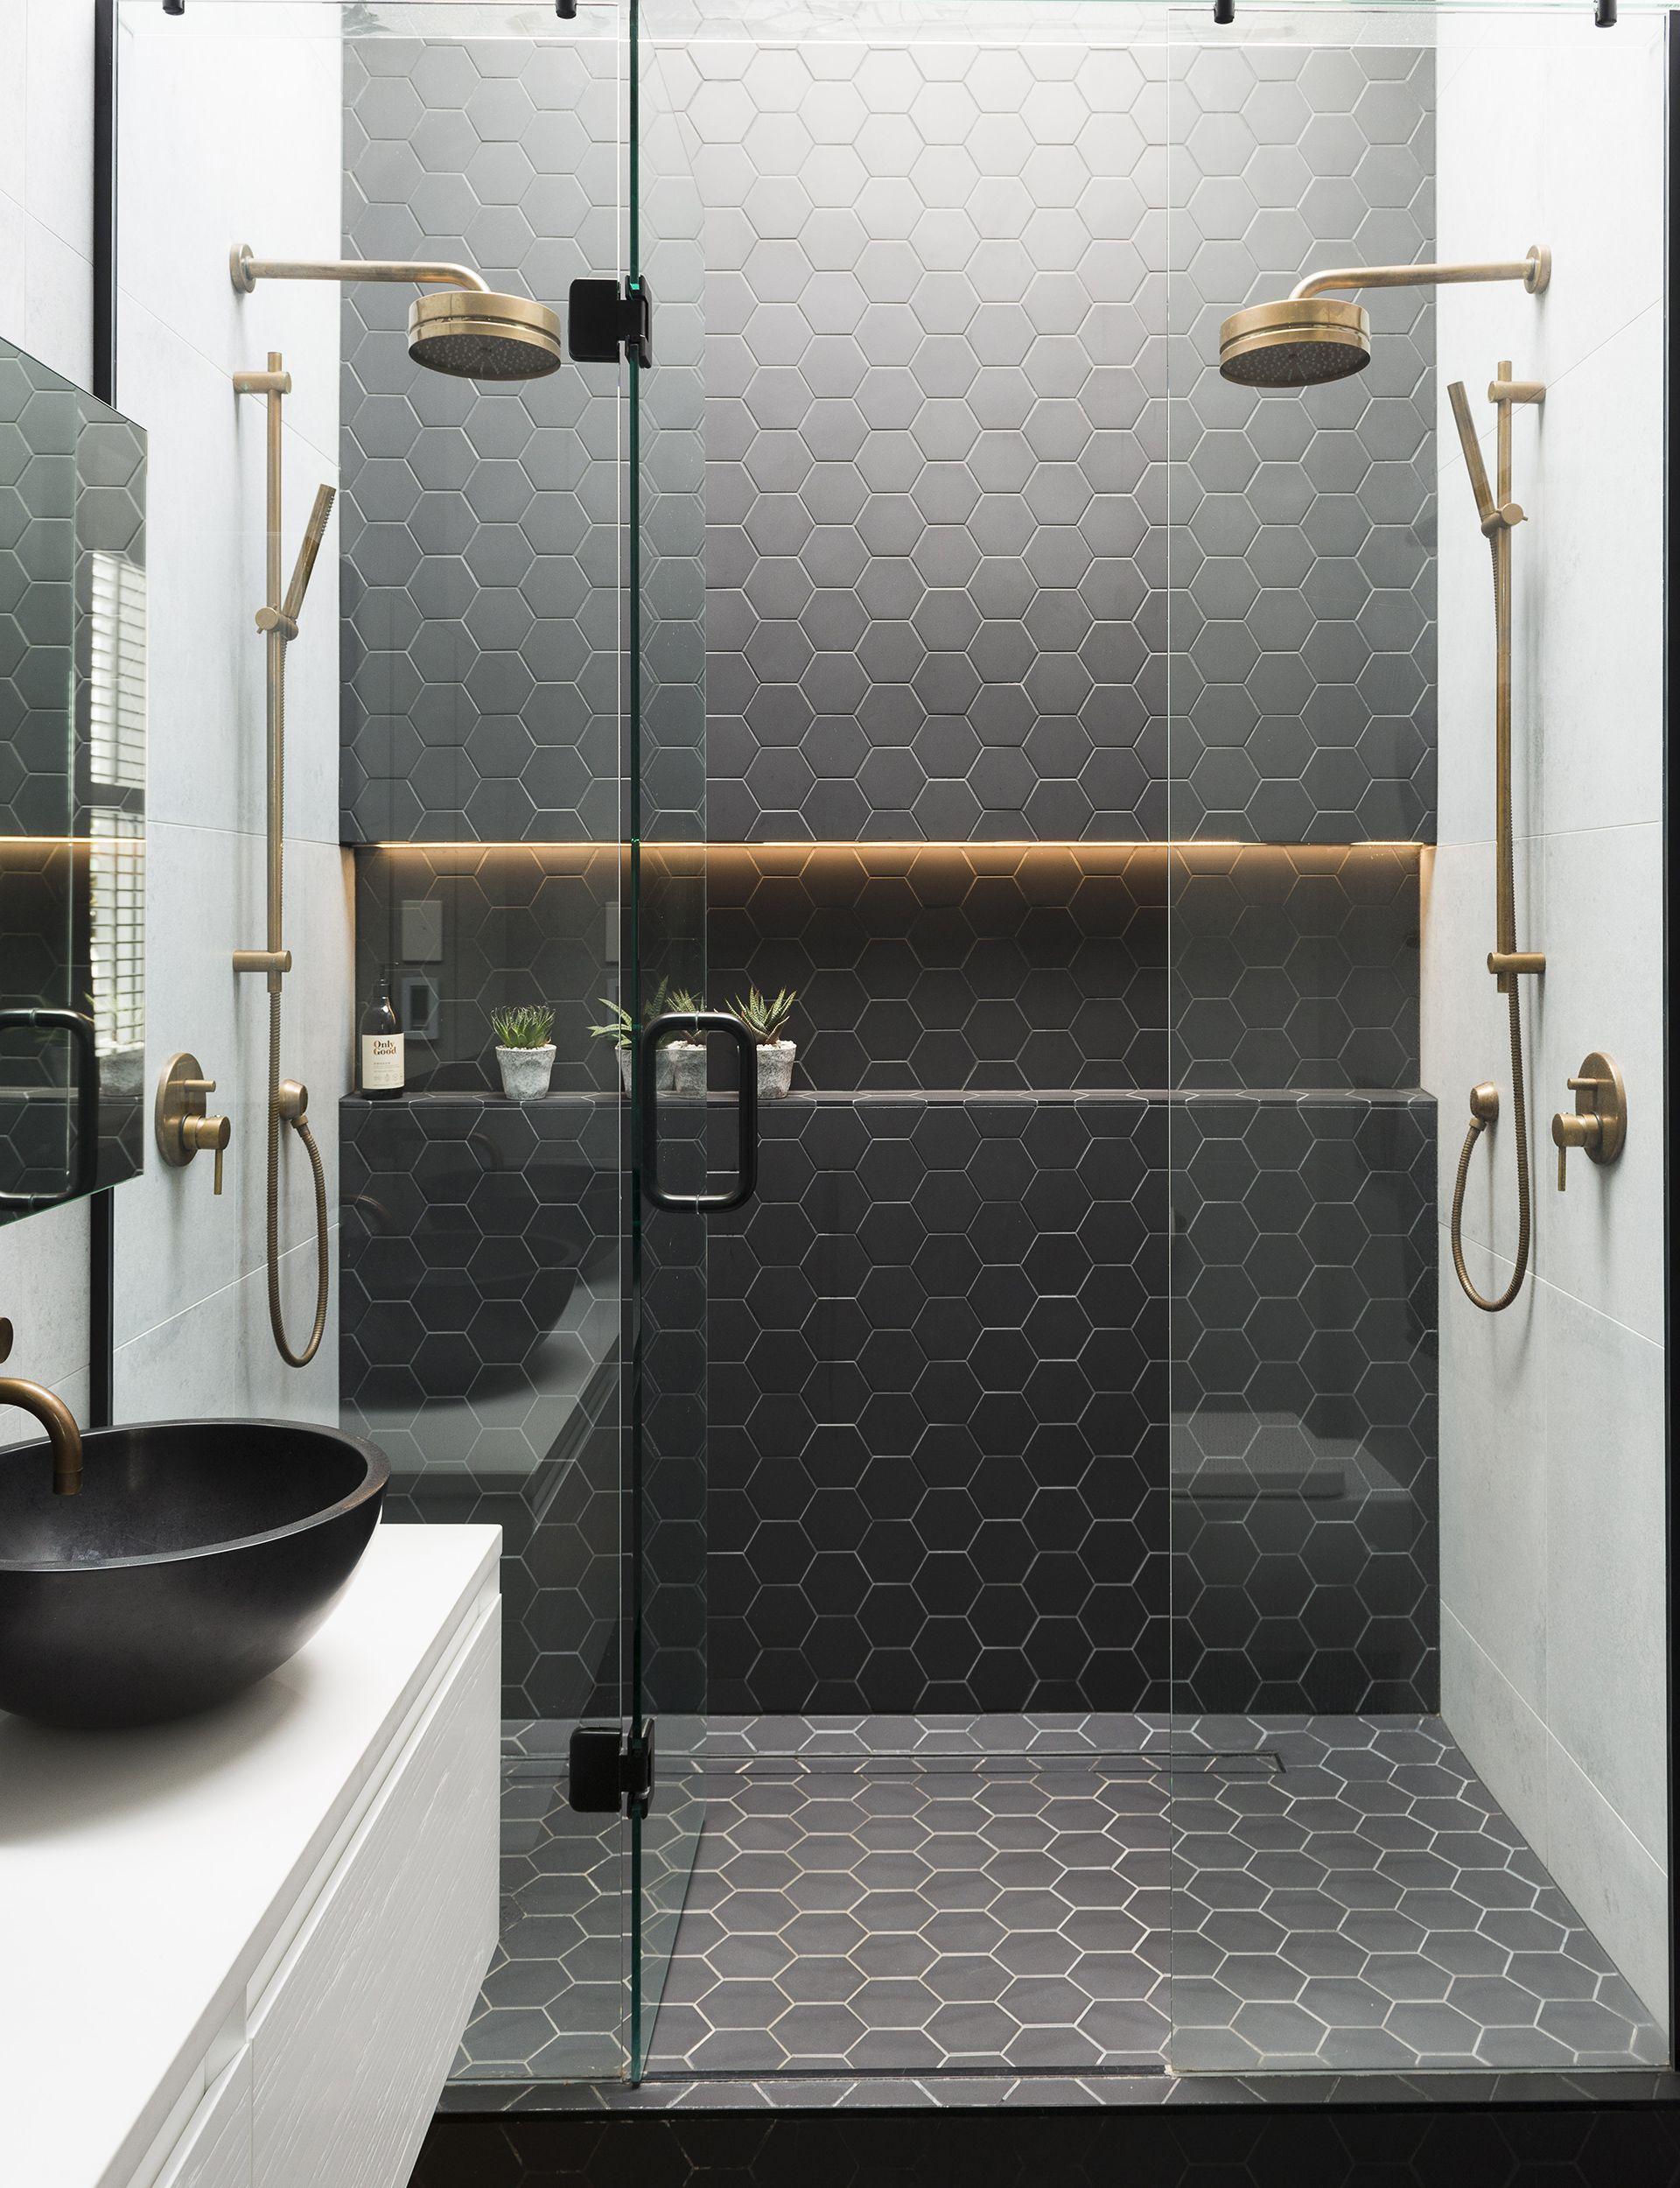 Omdat Badkamers Ook Zeker Niet Mogen Ontbreken Op Onze Blog Kijken We Dit Ke Badkamer Badkamerideeen Badkamer Inrichting